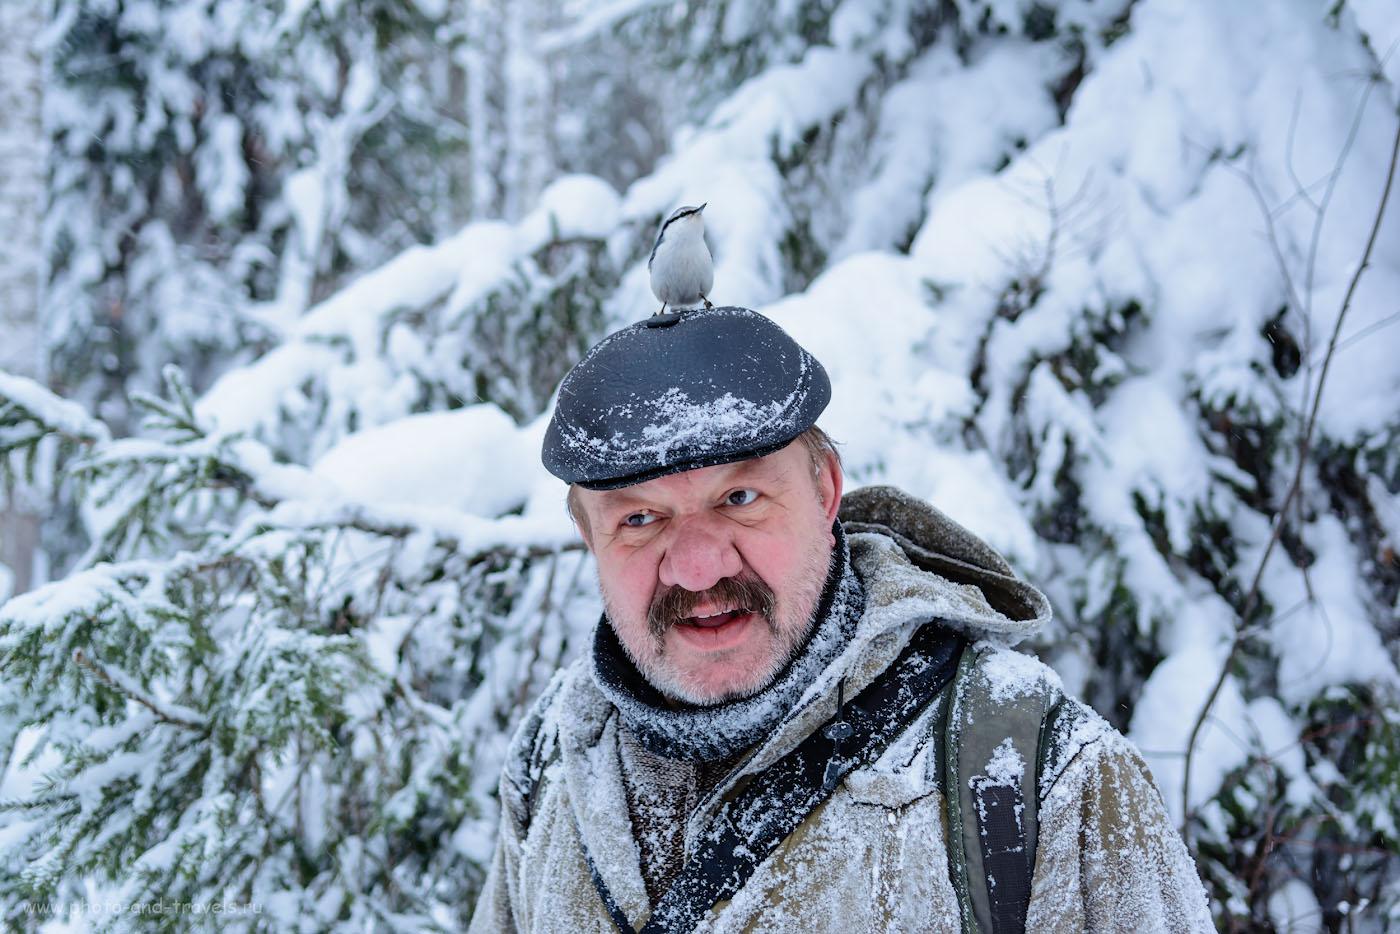 Фотография 27. Неожиданный случай в лесу. Портретная съемка. 1/100, +0.67, 2.8, 360, 31.